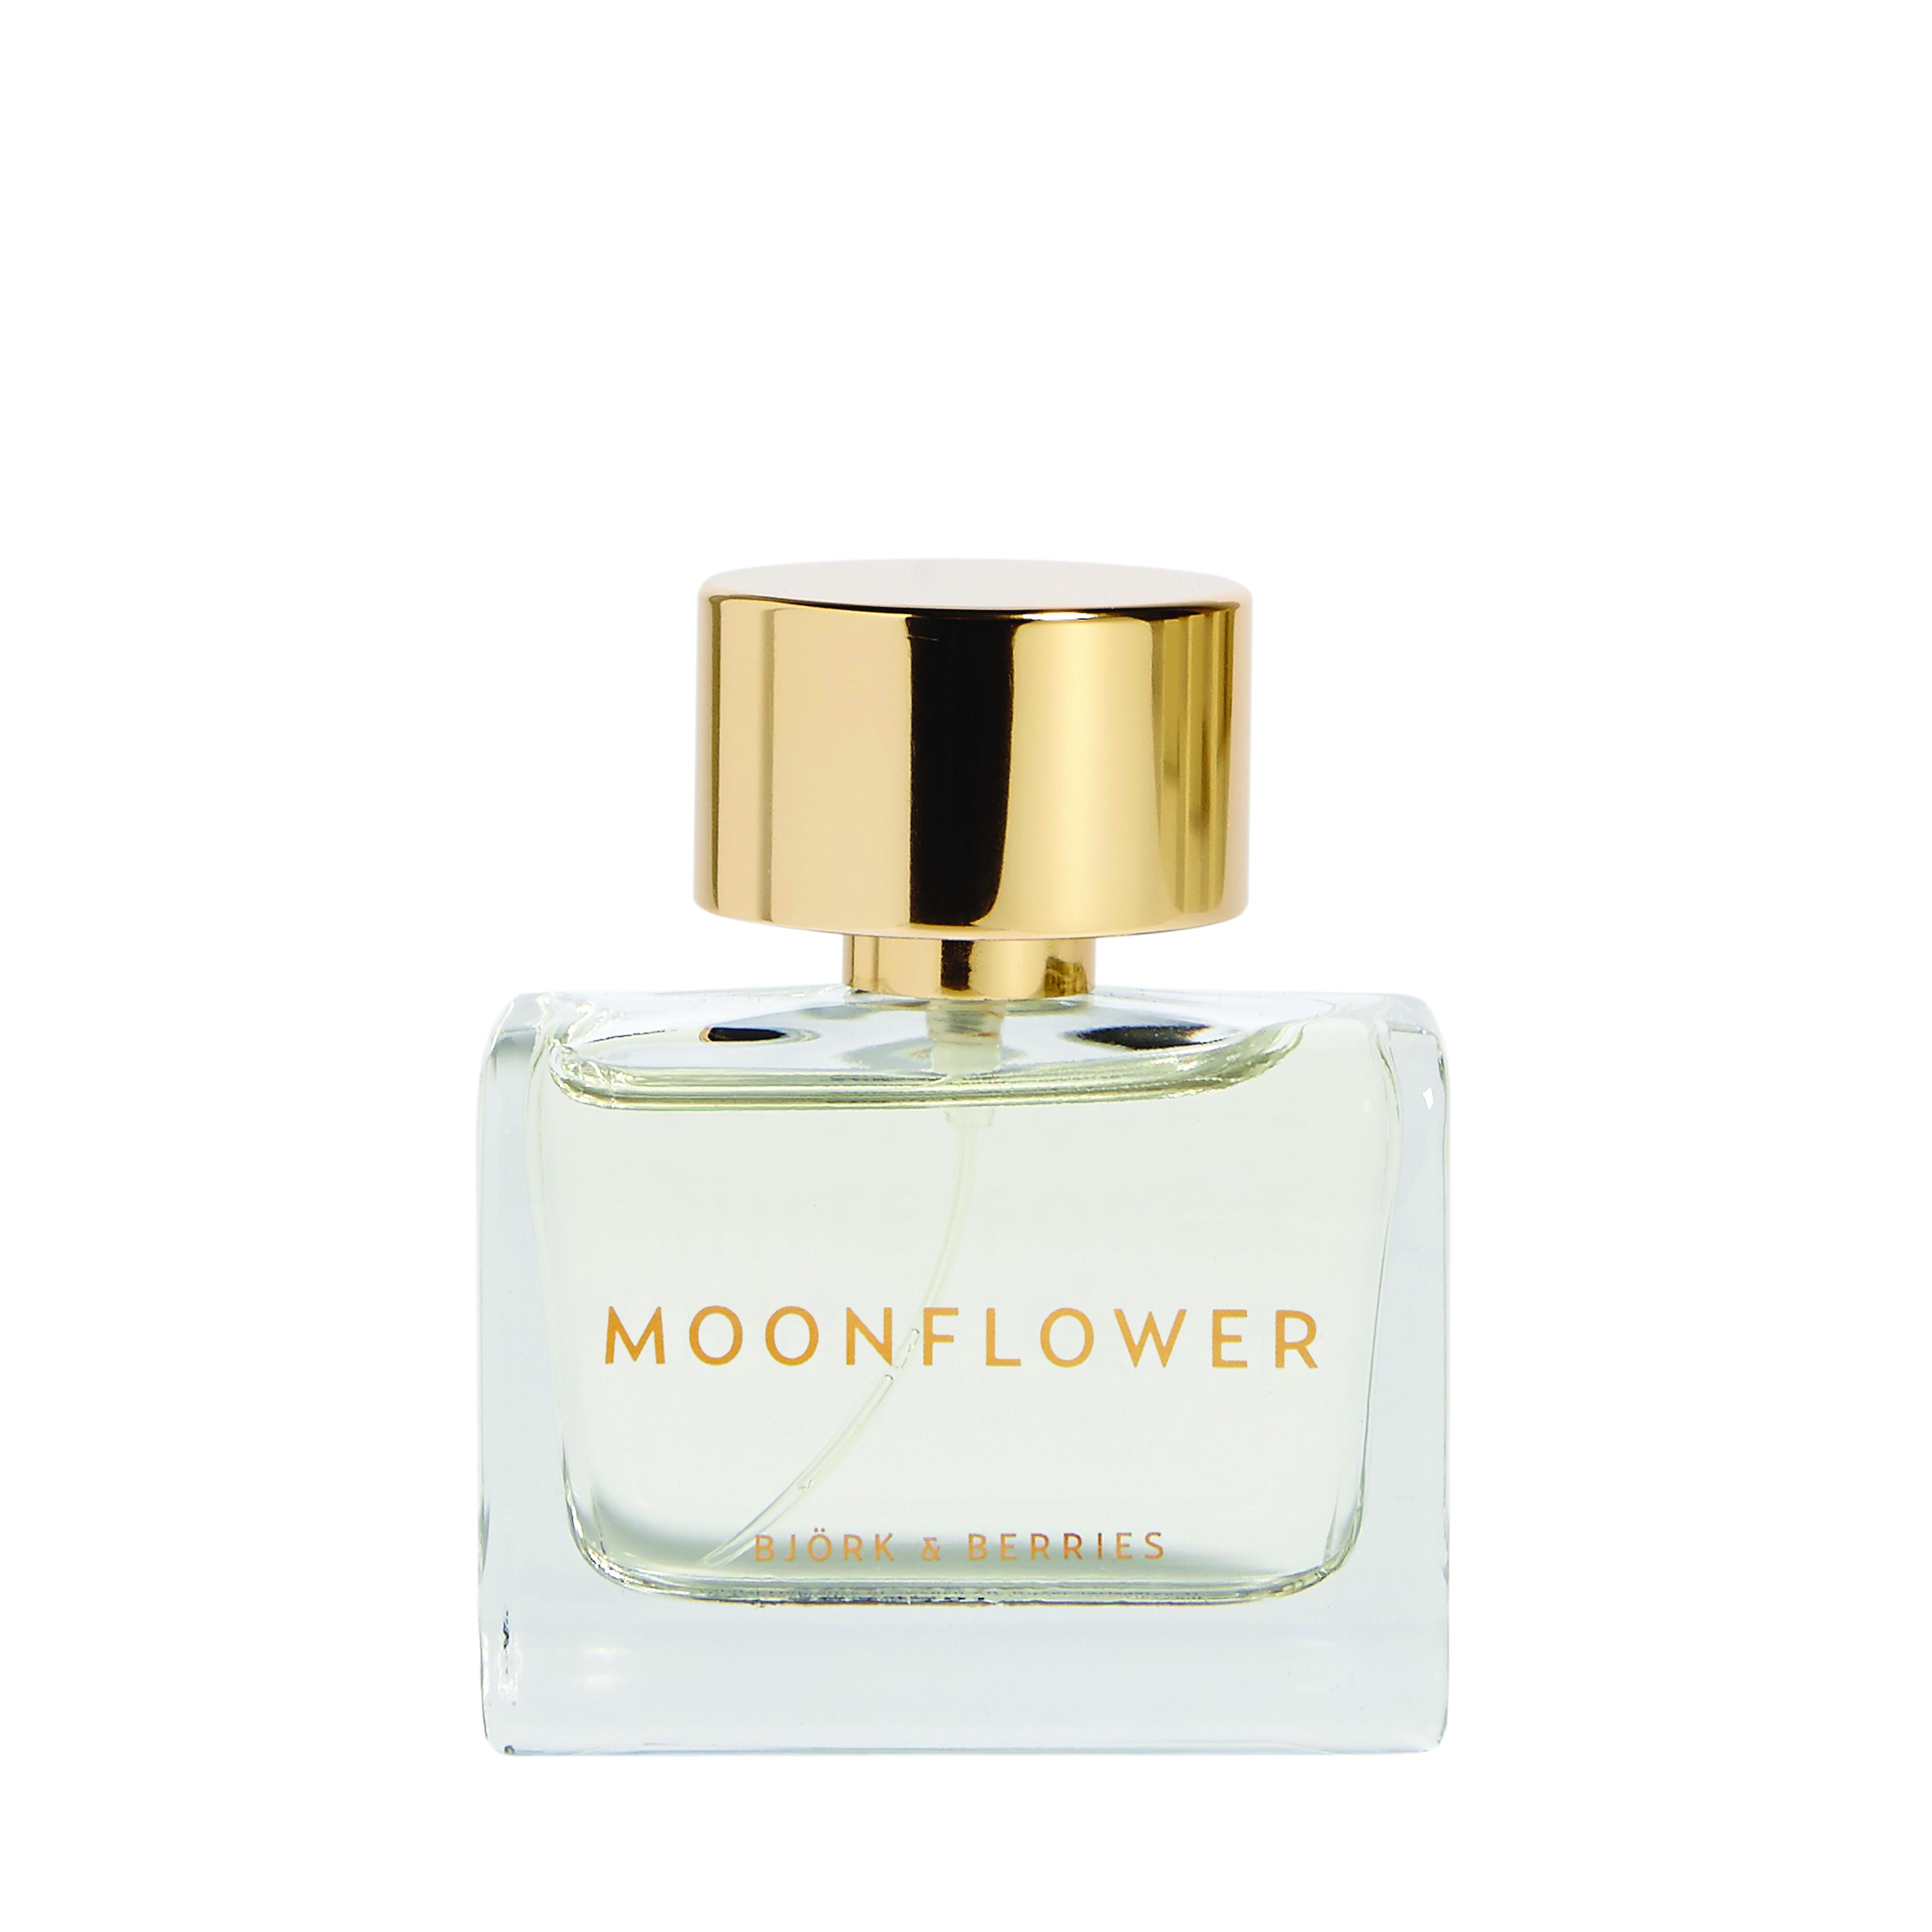 Moonflower Edp 50ml